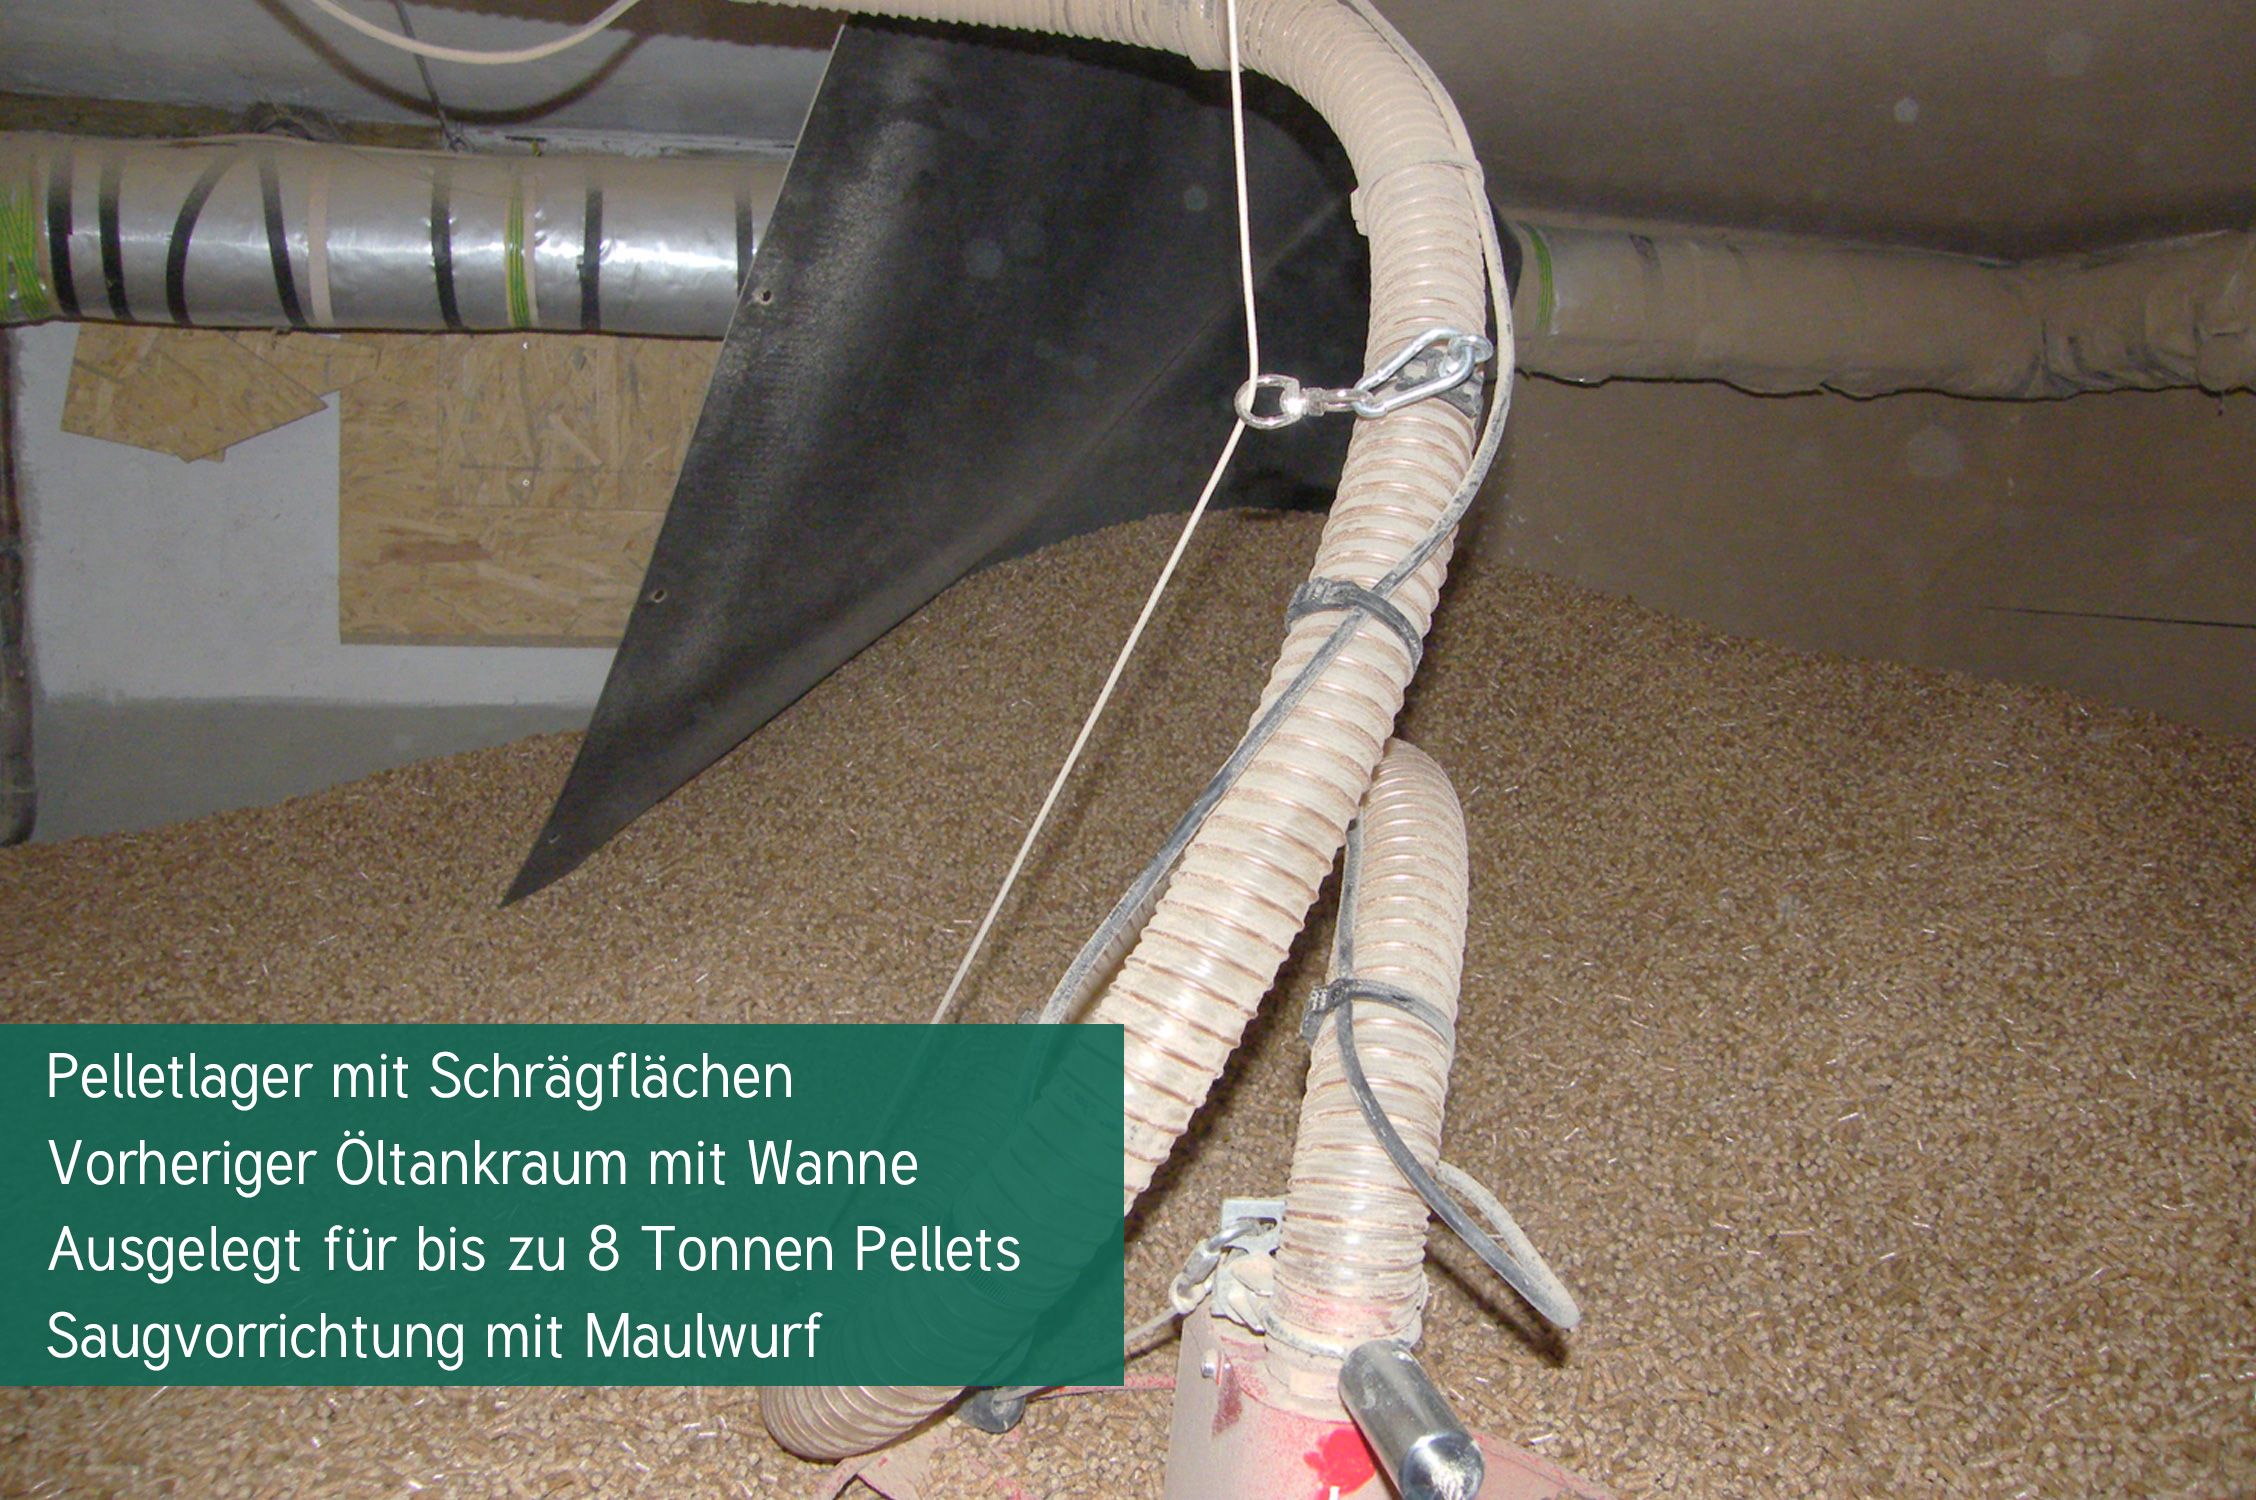 pelletheizung und solarthermie in reinbek herr h fs. Black Bedroom Furniture Sets. Home Design Ideas